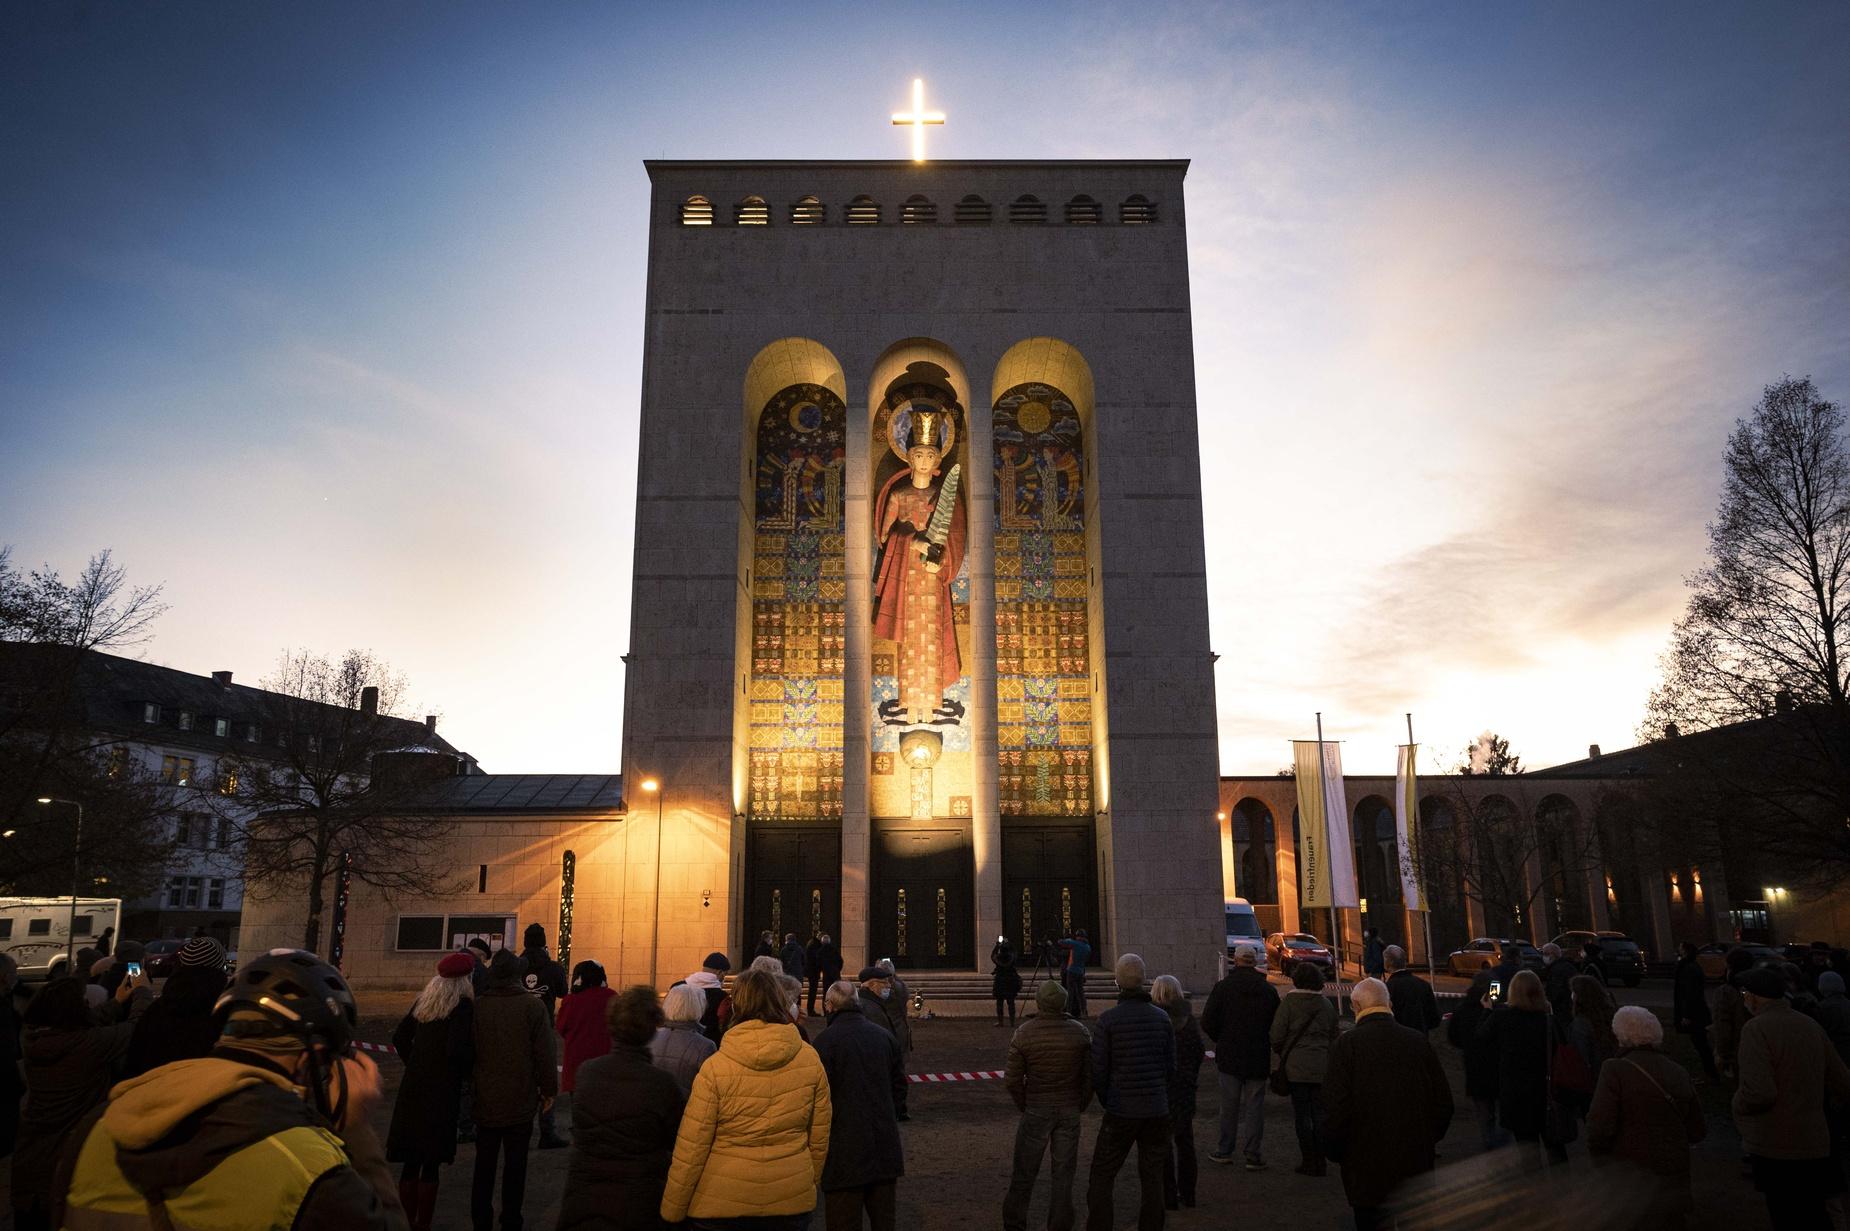 frauenfriedenskirche_vor_wiedereroeffnung_4.jpg